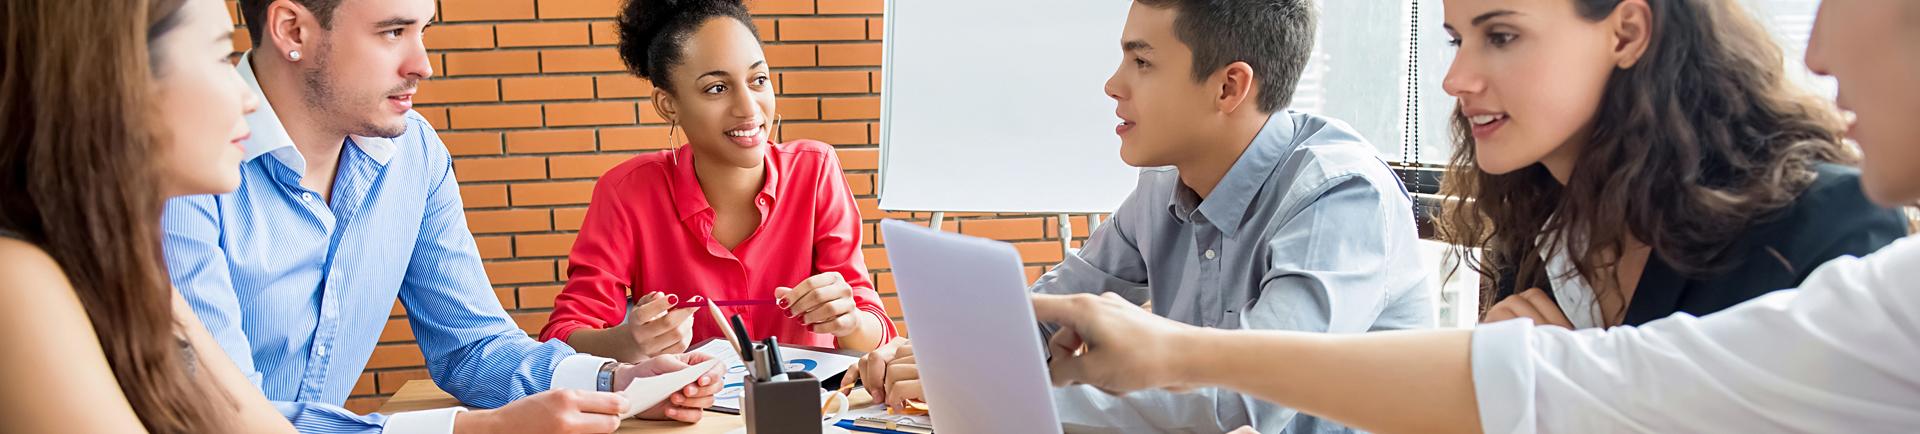 Jovens em reunião sentados à volta de uma secretária